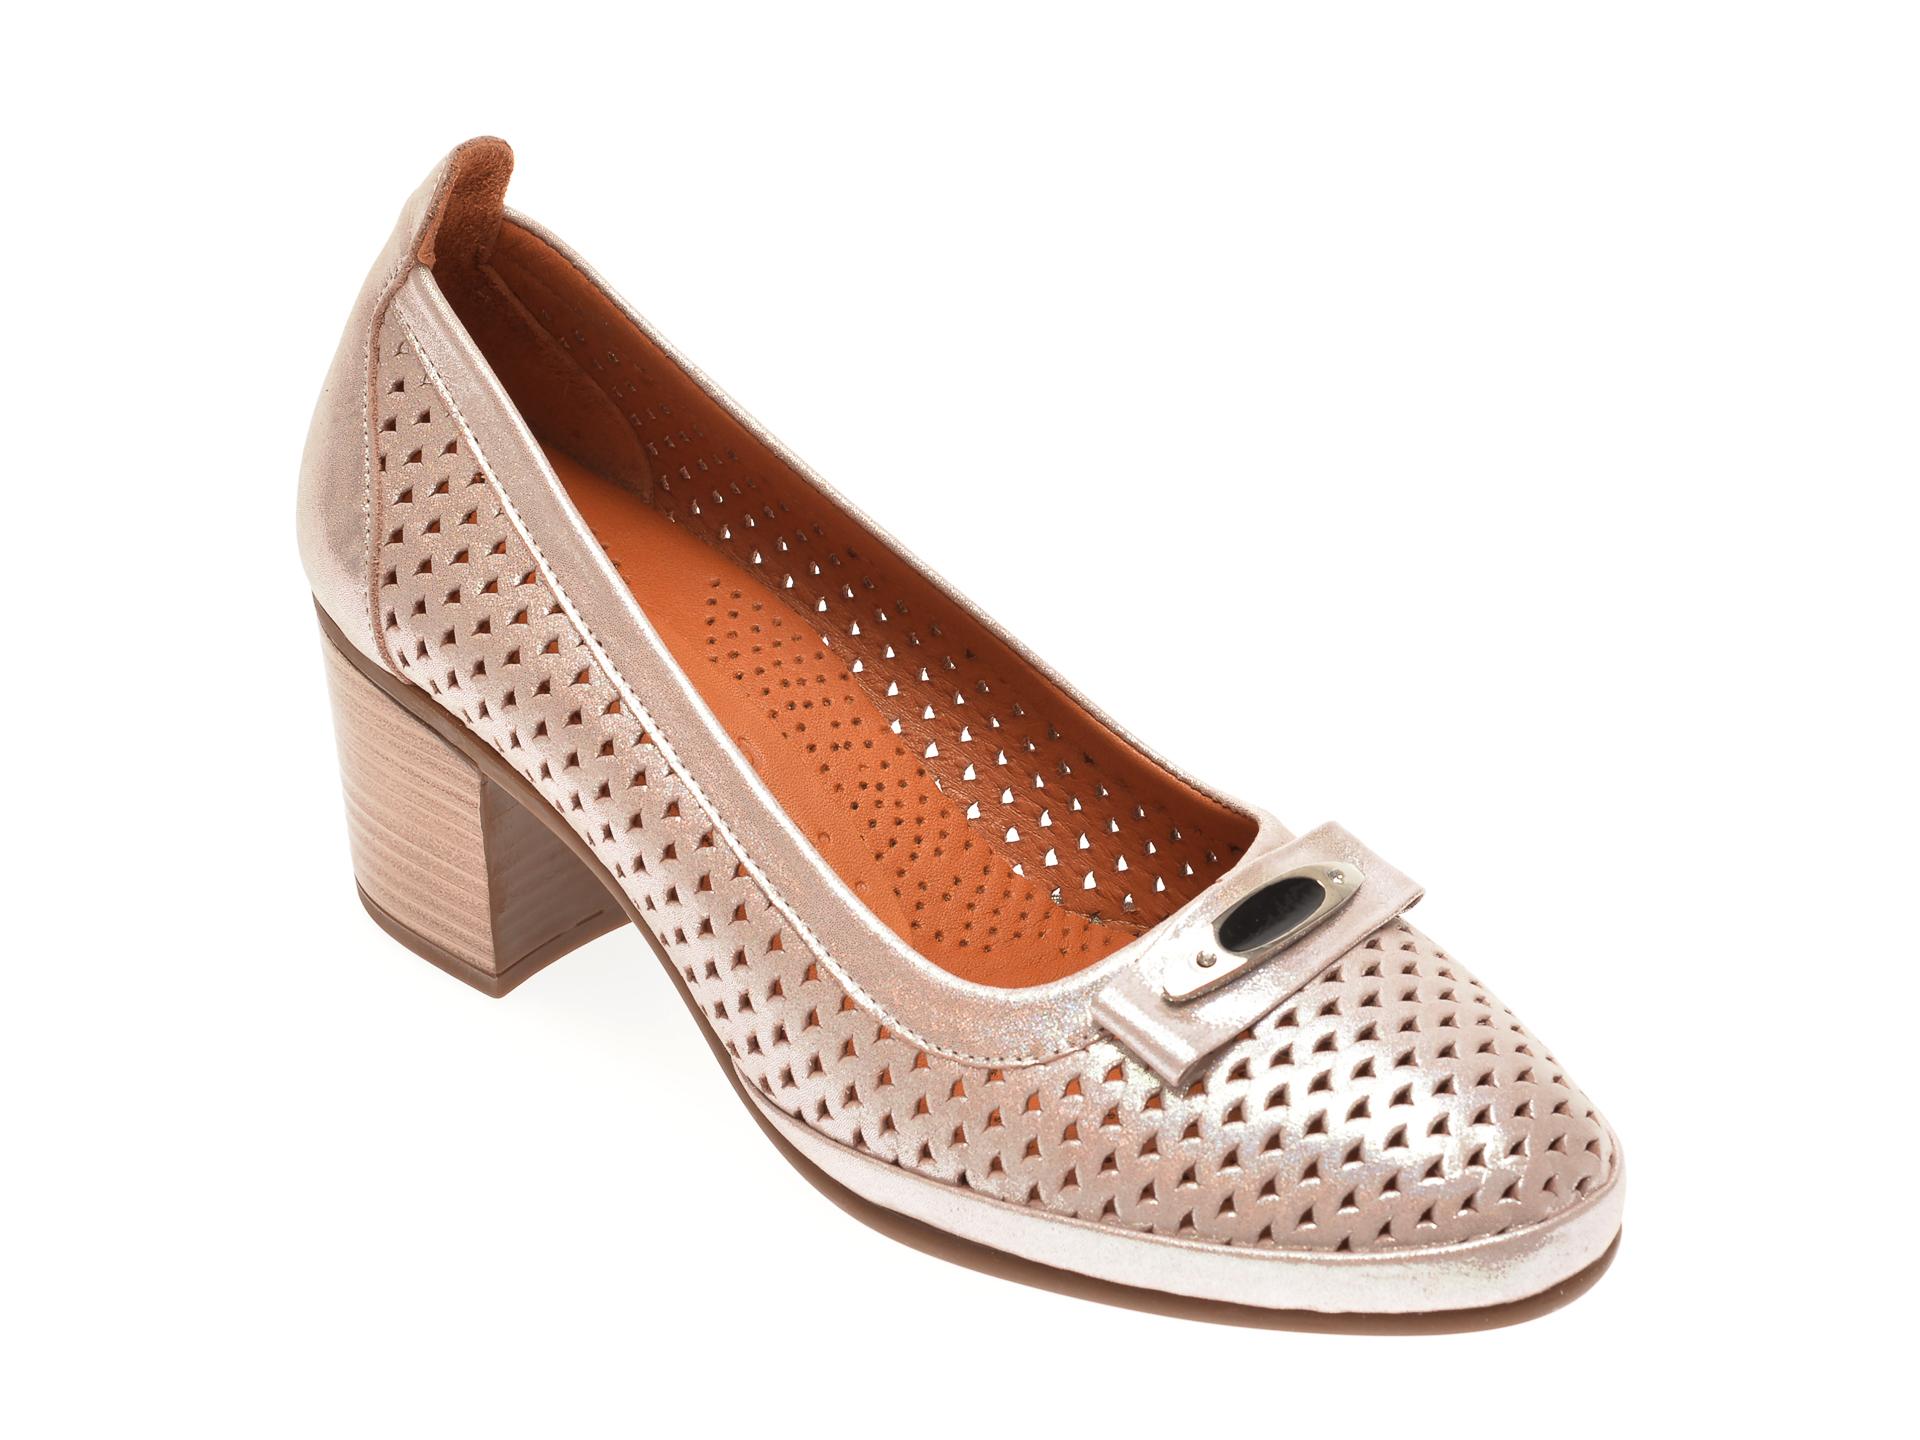 Pantofi FLAVIA PASSINI aurii, 0105046, din piele naturala